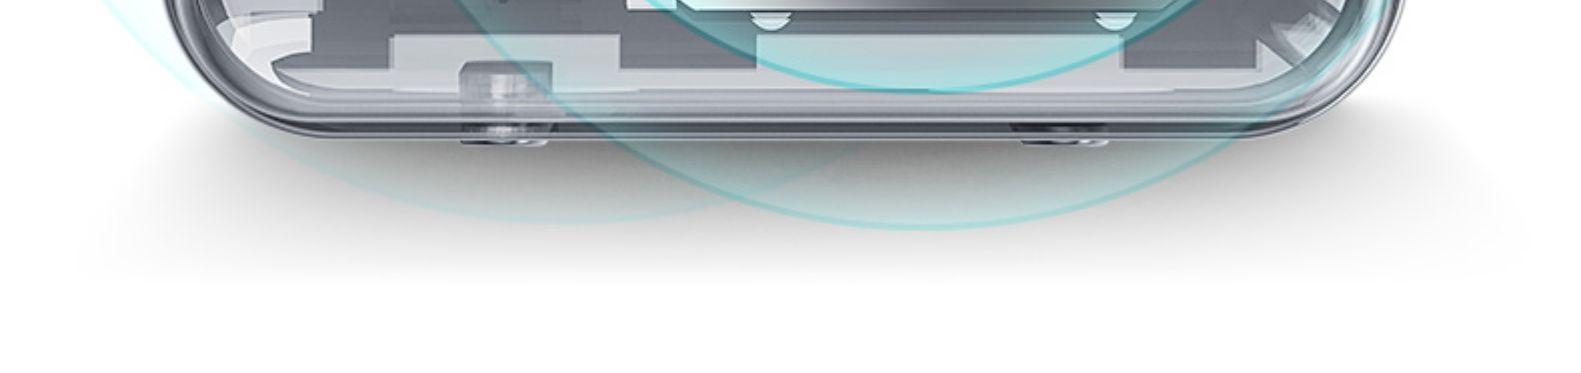 海威特无线蓝牙音响小音箱内置小度智能助手超重低音炮家用迷你小型大音量可携式低音炮收语音款播报详细照片